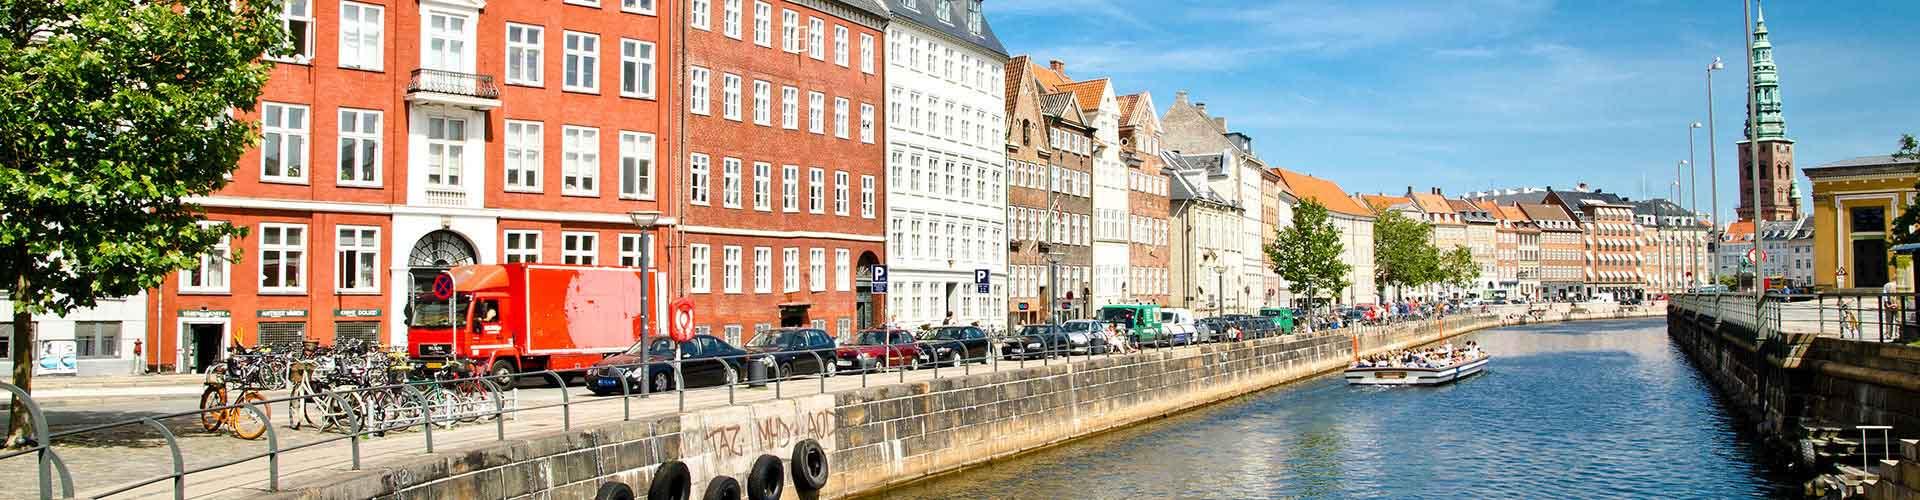 코펜하겐 - Indre By지역에 위치한 캠핑장. 코펜하겐의 지도, 코펜하겐에 위치한 캠핑장에 대한 사진 및 리뷰.